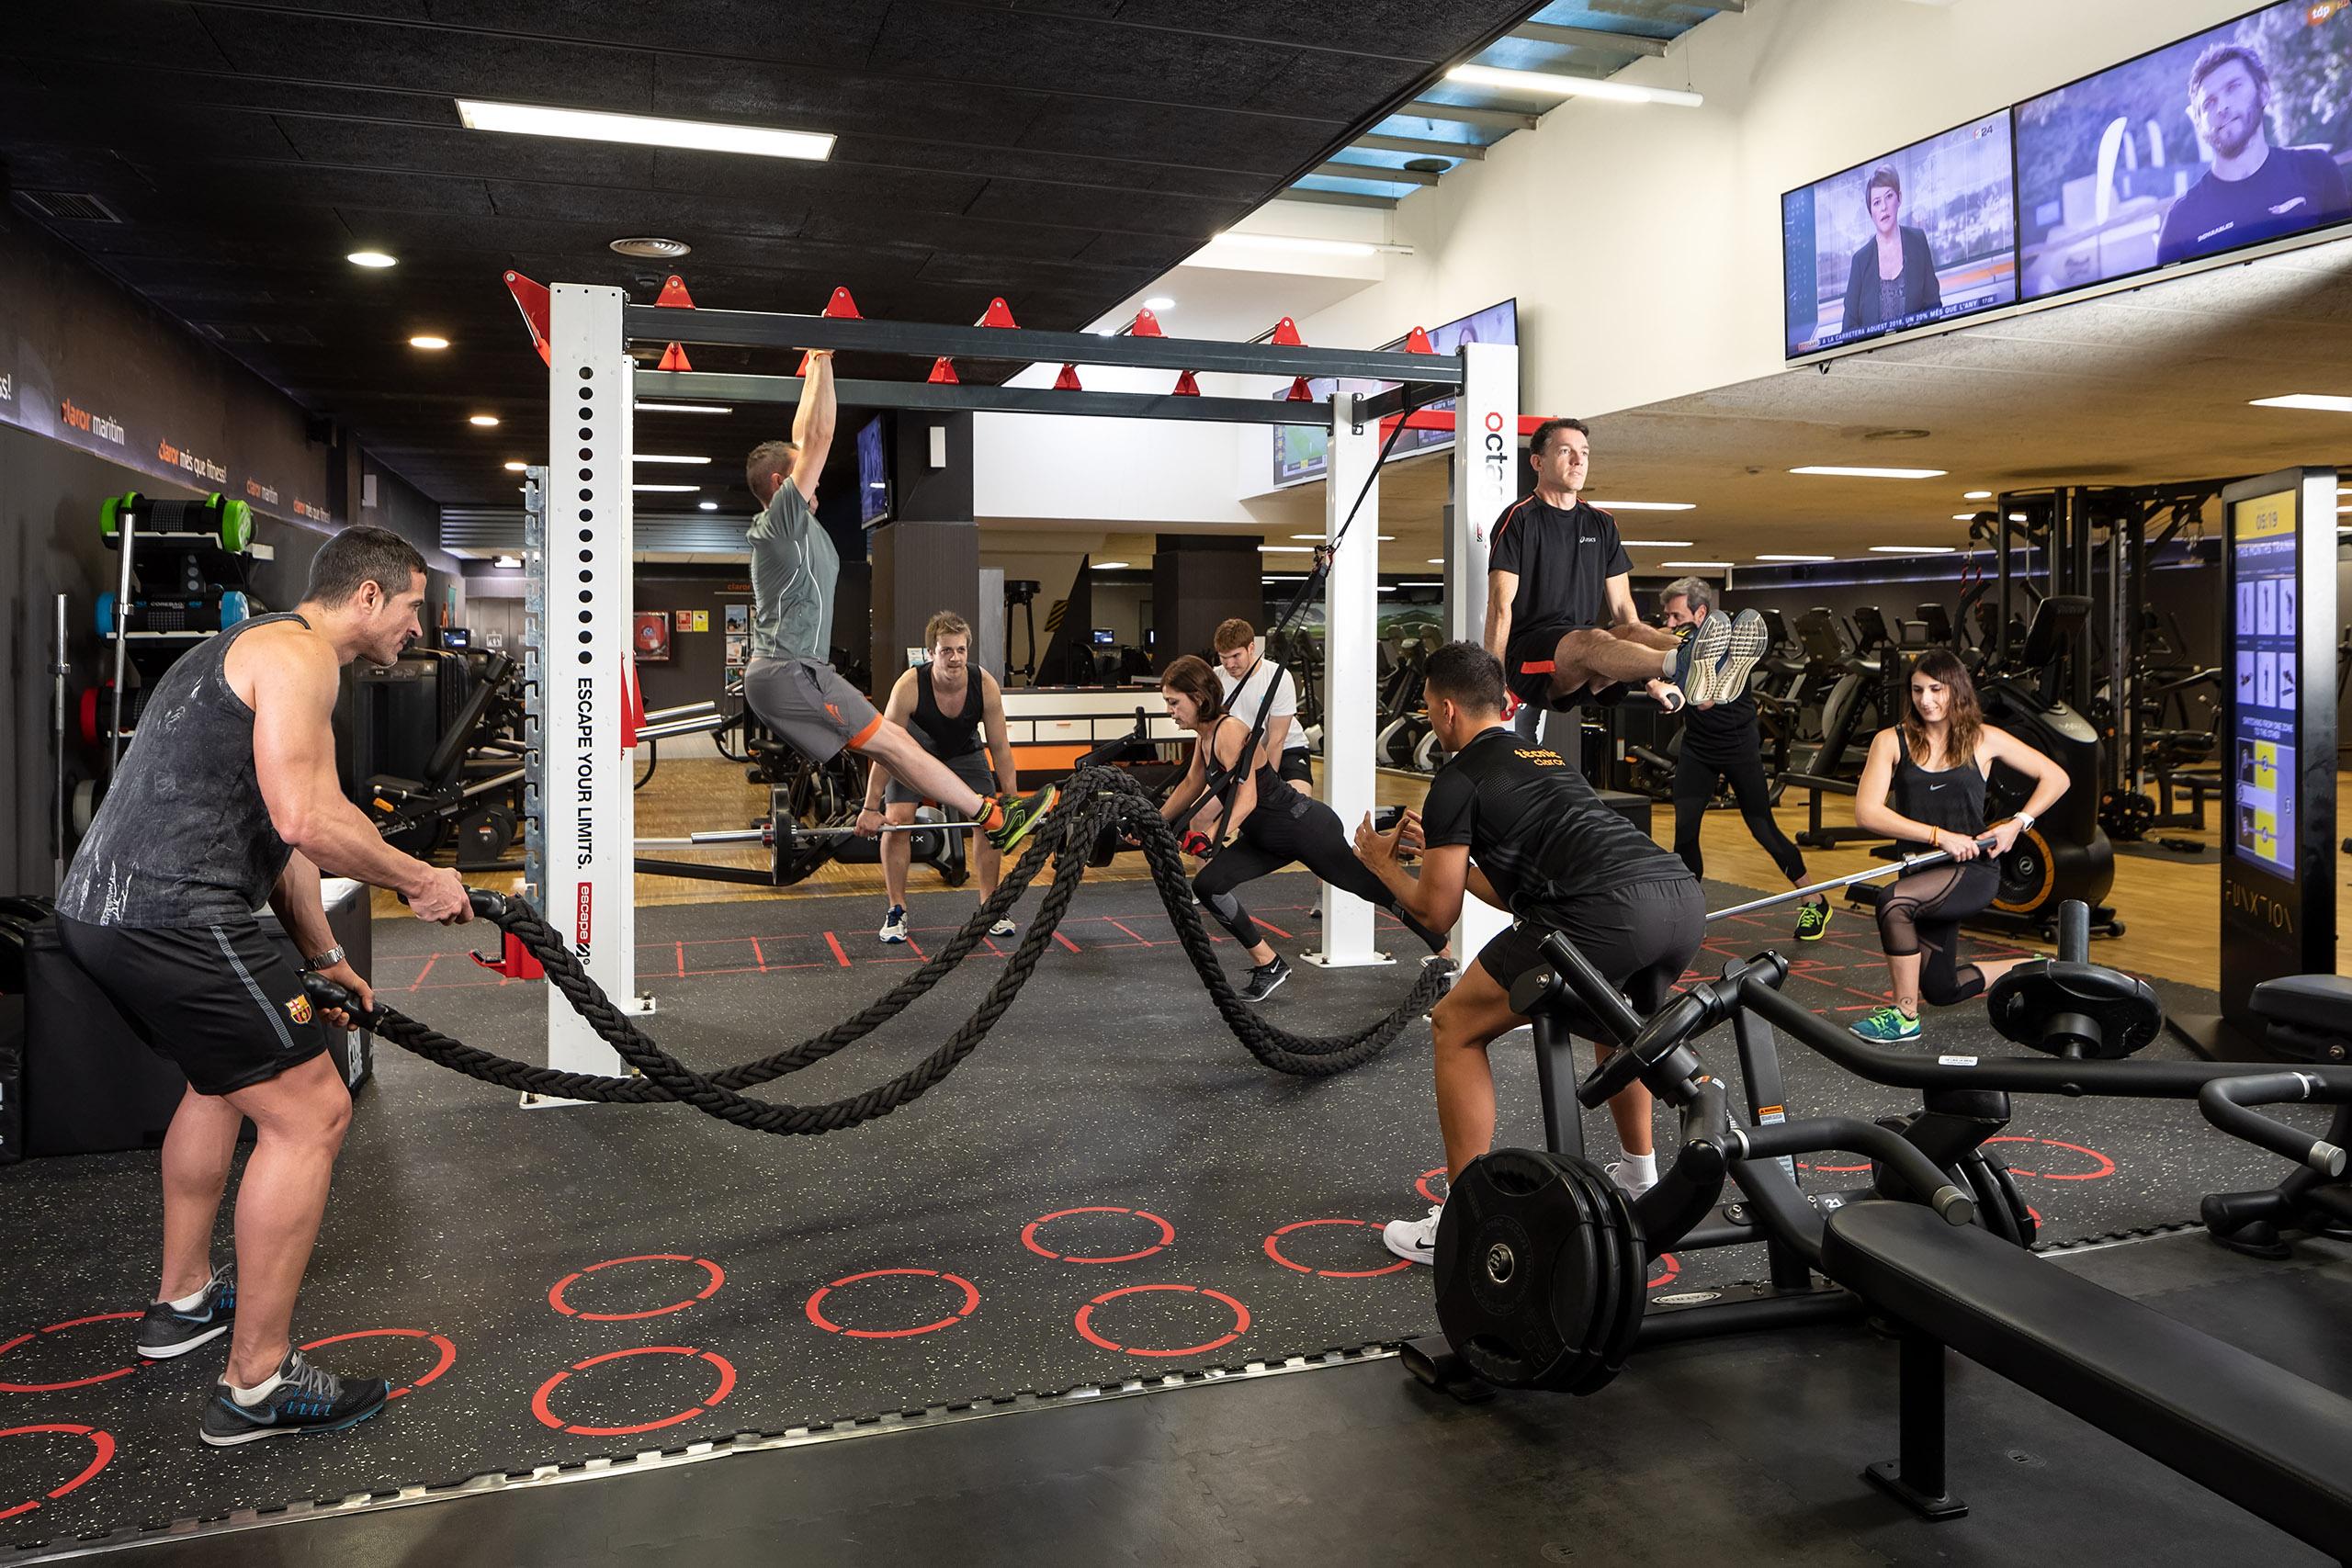 Sesión fotográfica de fitness con cuatro luces en un gimnasio